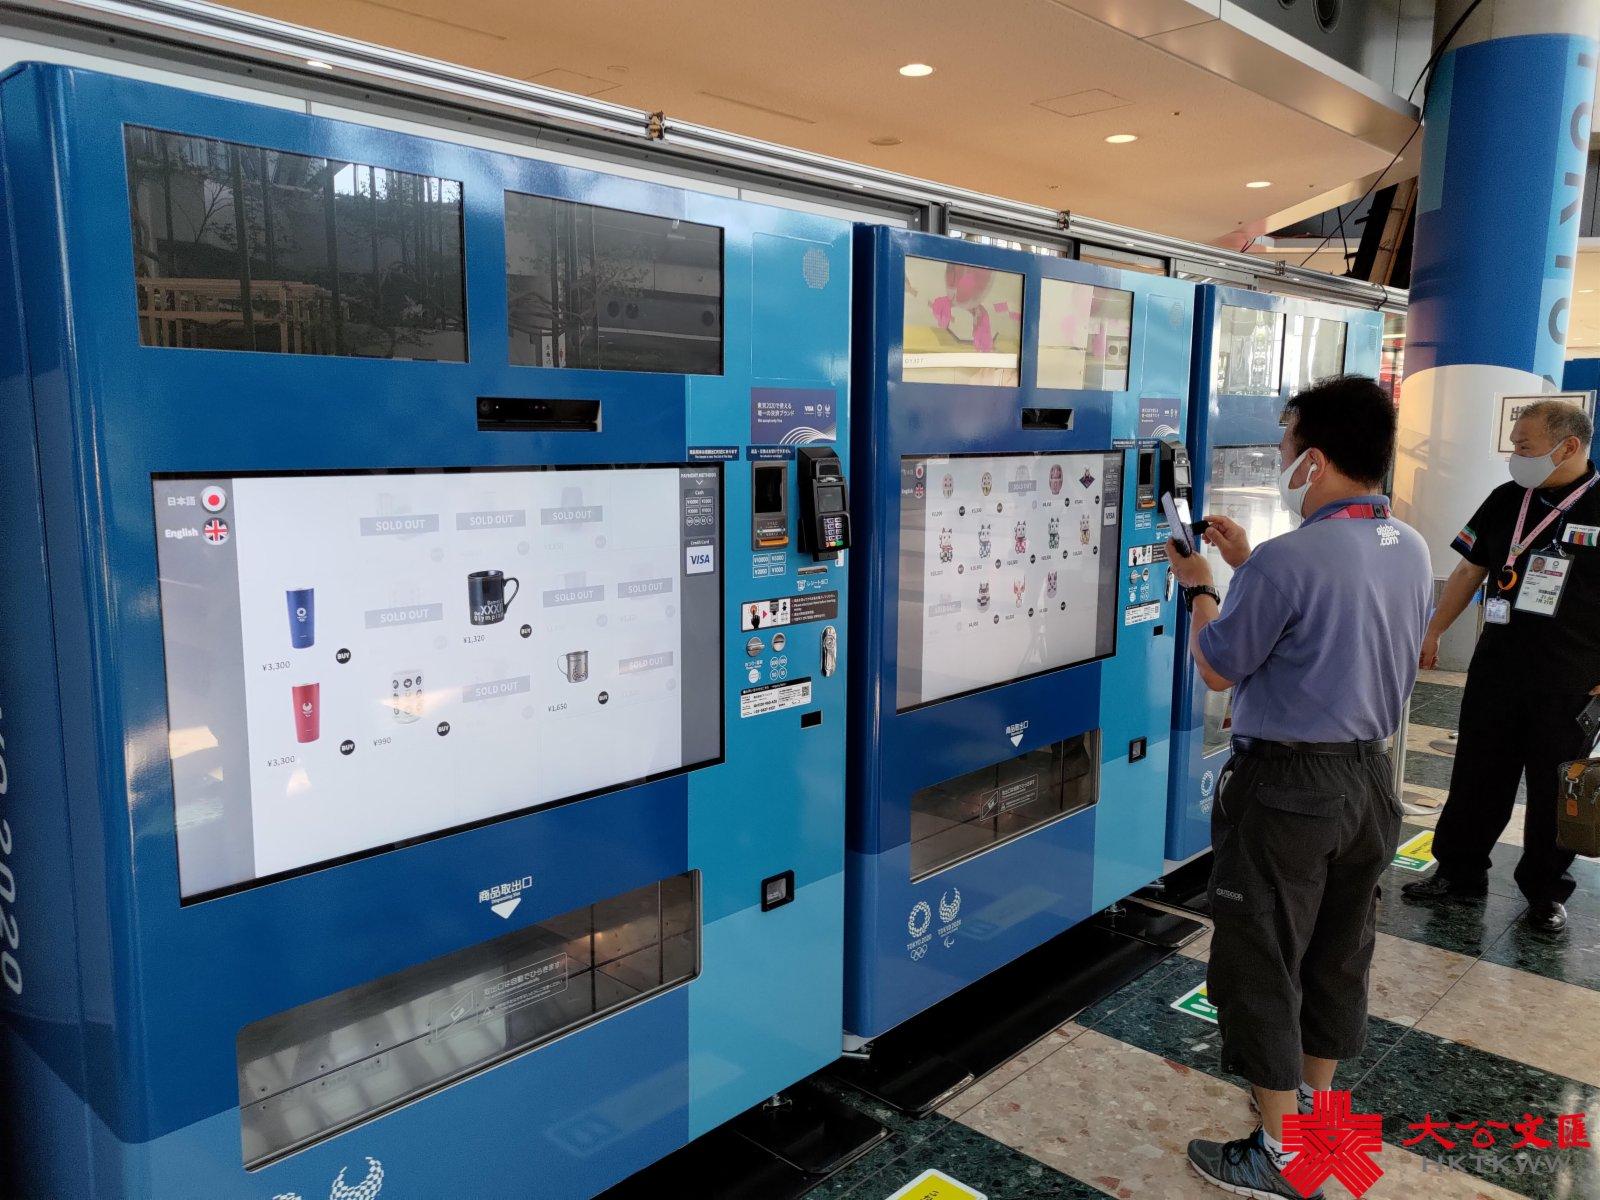 傳媒中心內有自動販賣機售賣官方紀念品。(大公報記者張銳 攝)